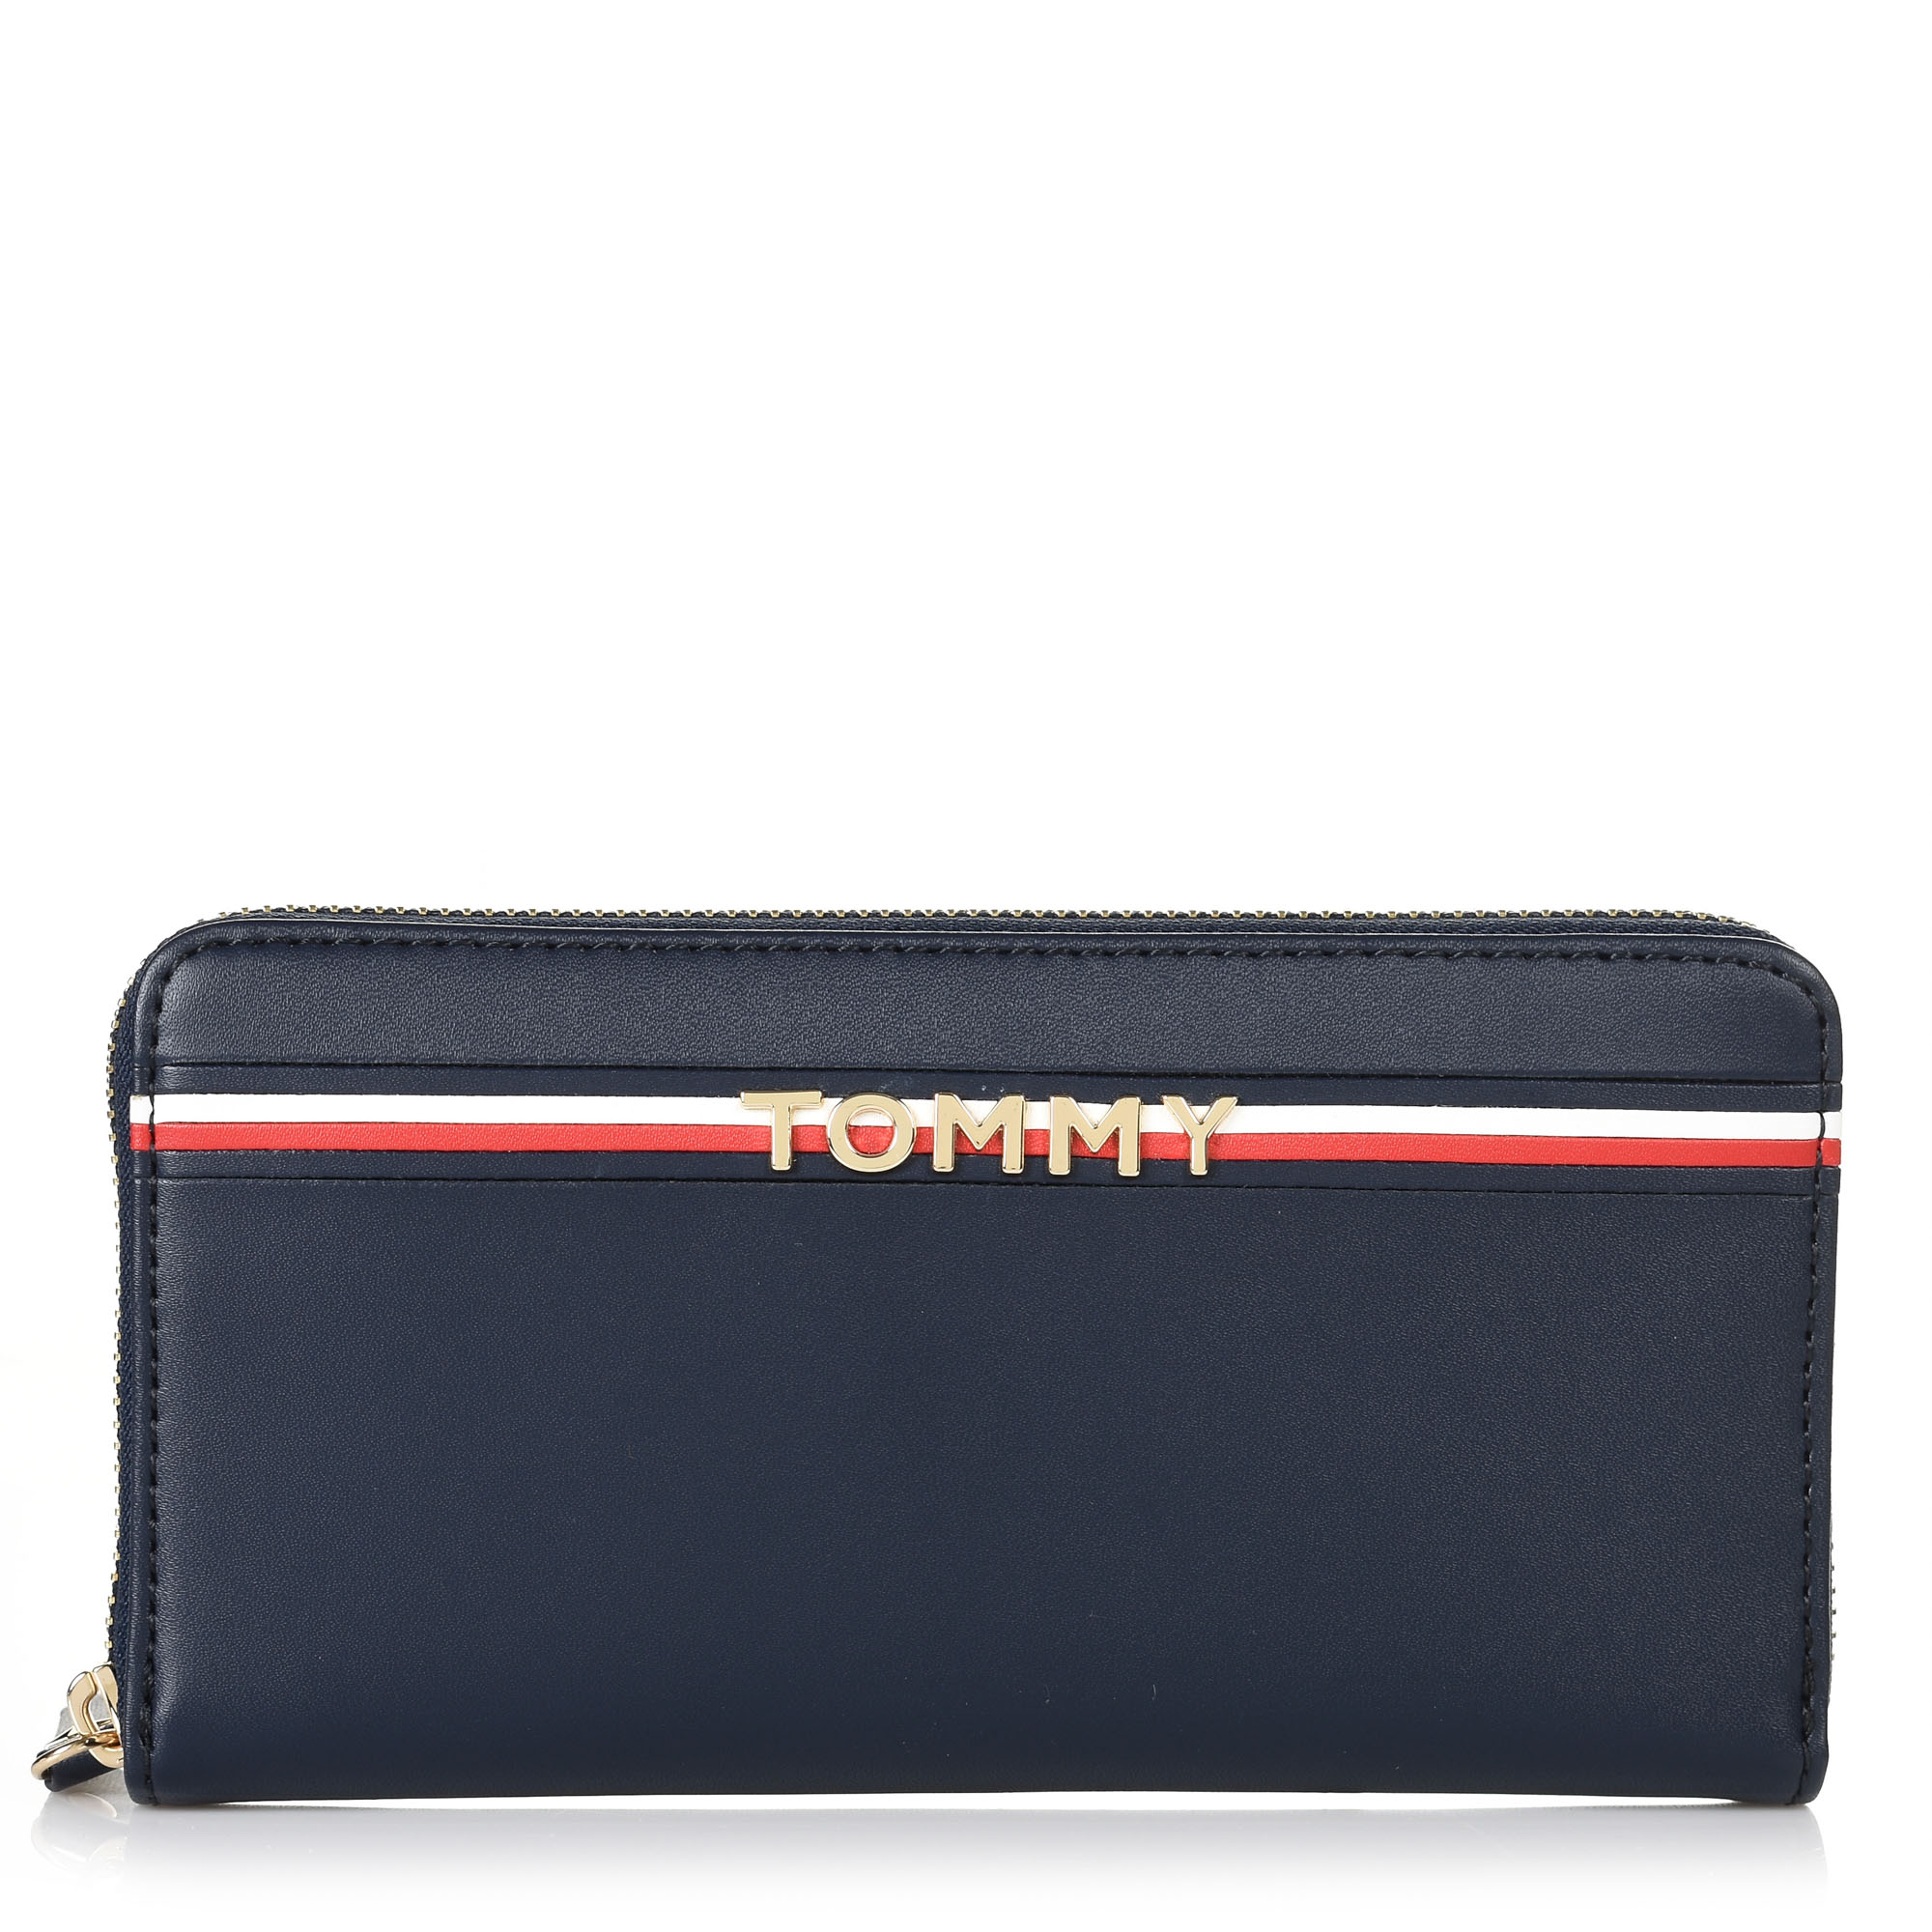 14723f8d8736 Brandbags Δερμάτινο Πορτοφόλι Κασετίνα Tommy Hilfiger AW0AW06513